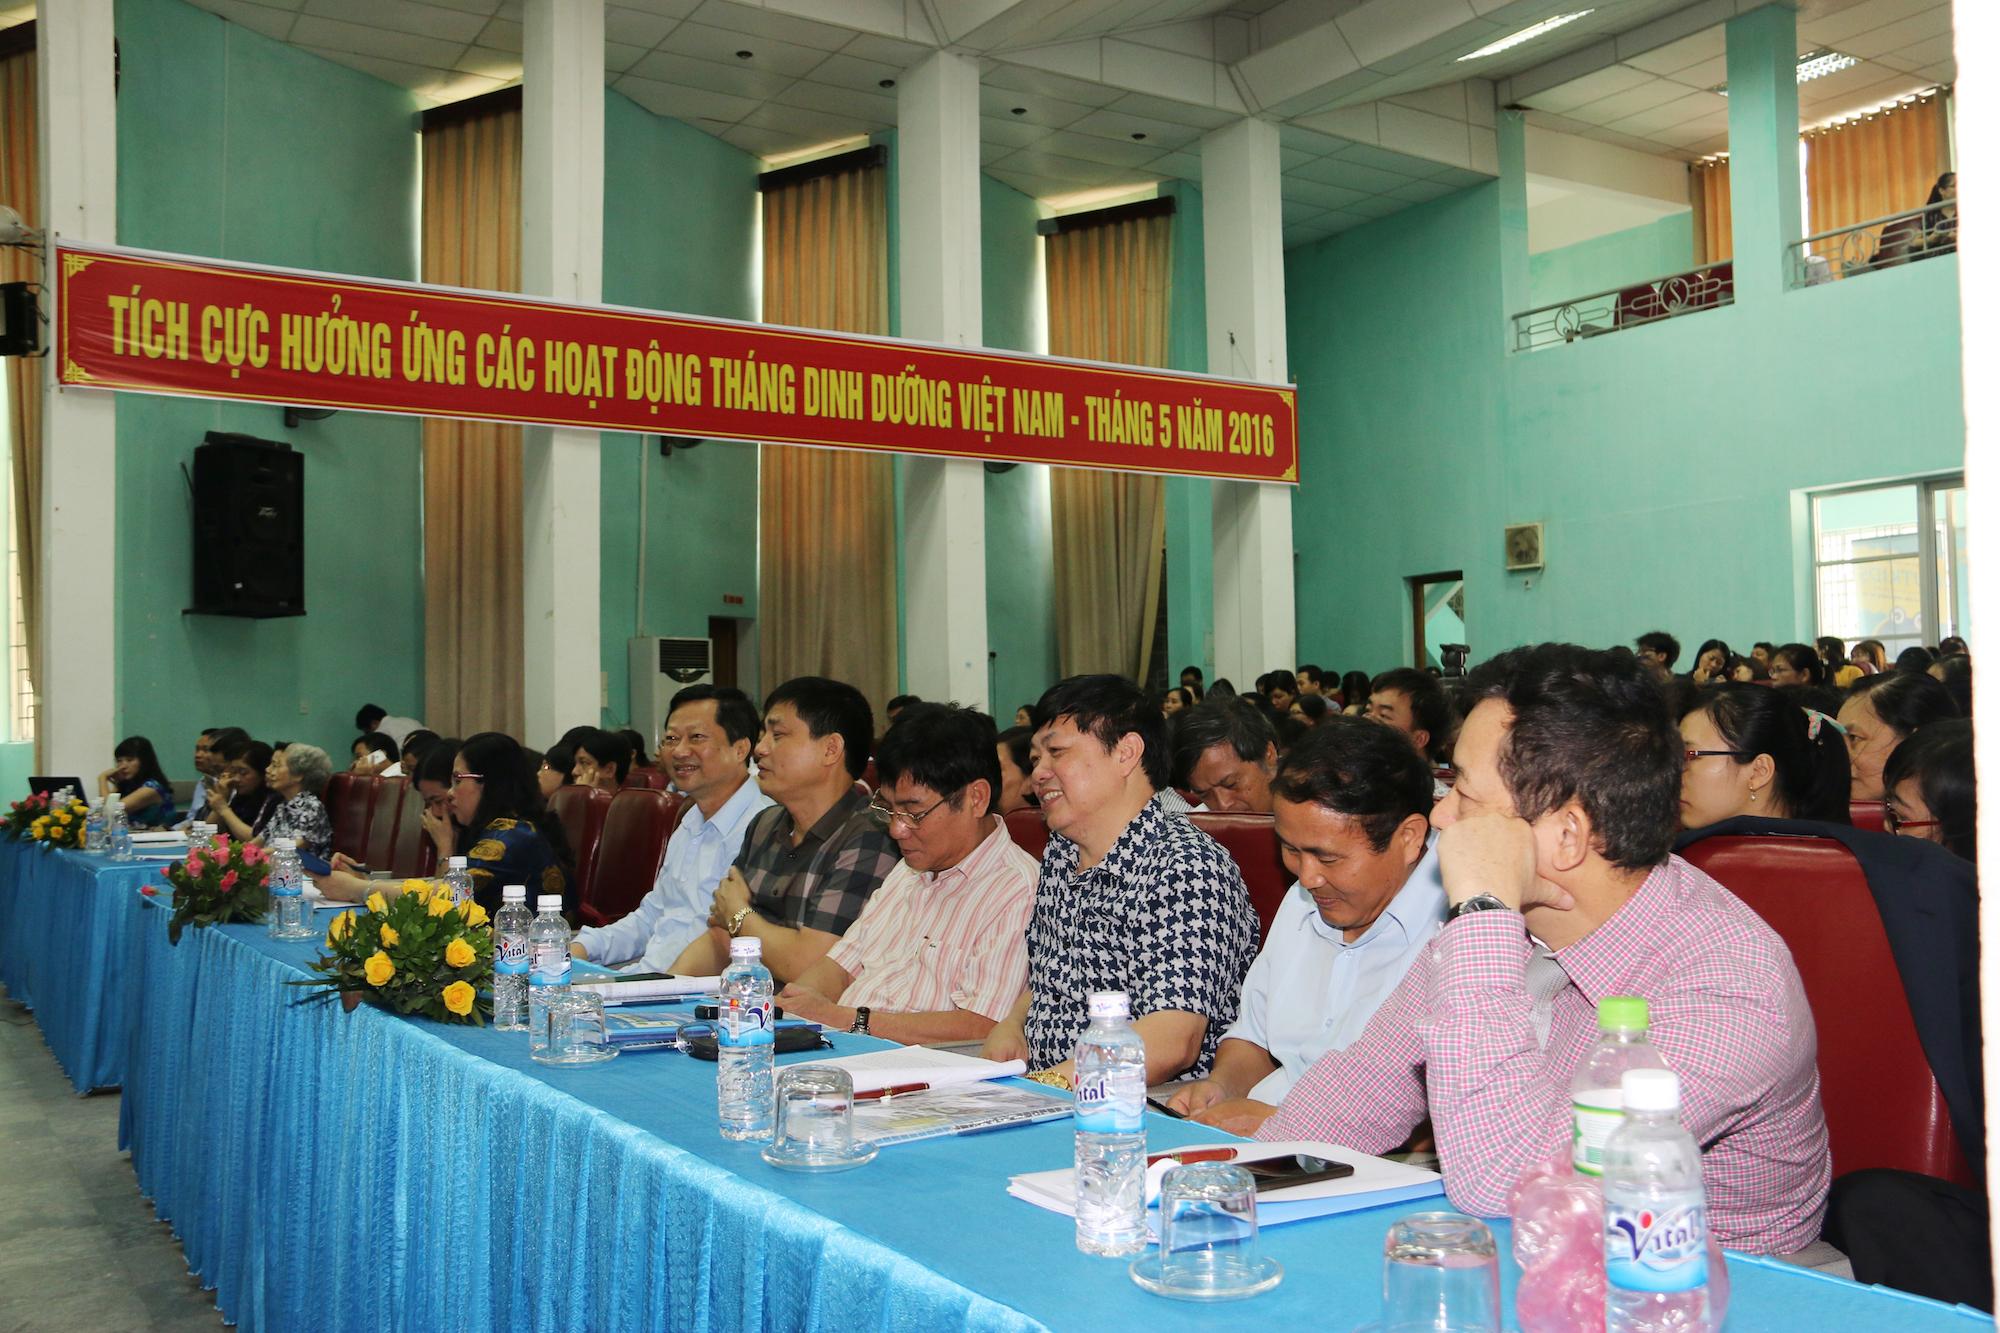 Hơn 200 đại biểu đến tham dự Hội nghị Dinh dưỡng lâm sàng các tỉnh phía Bắc